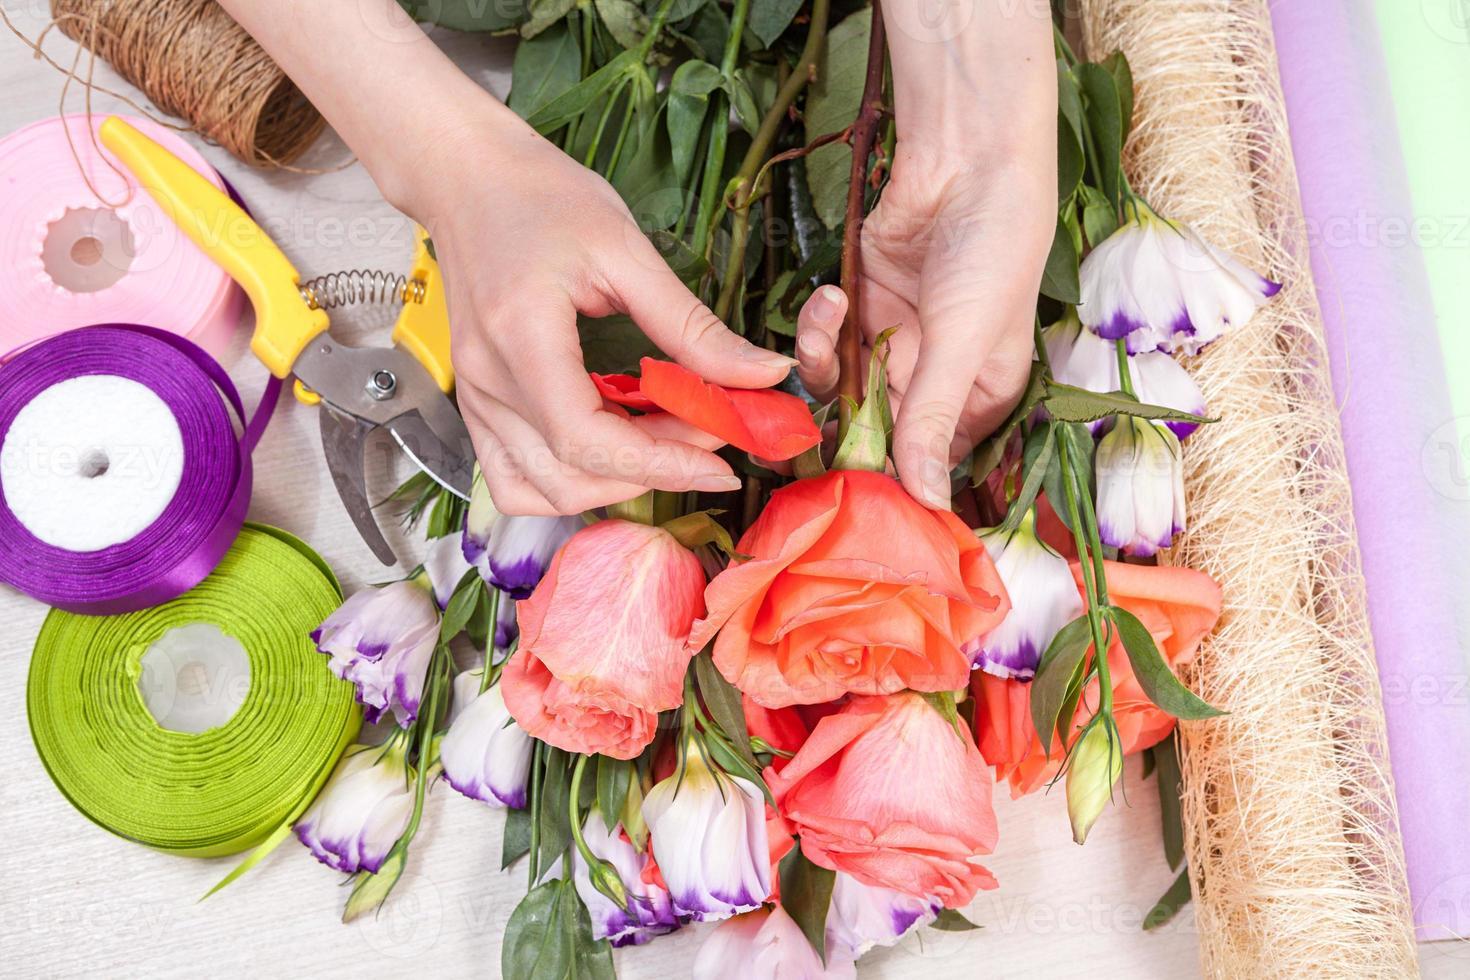 fiorista al lavoro con i fiori foto